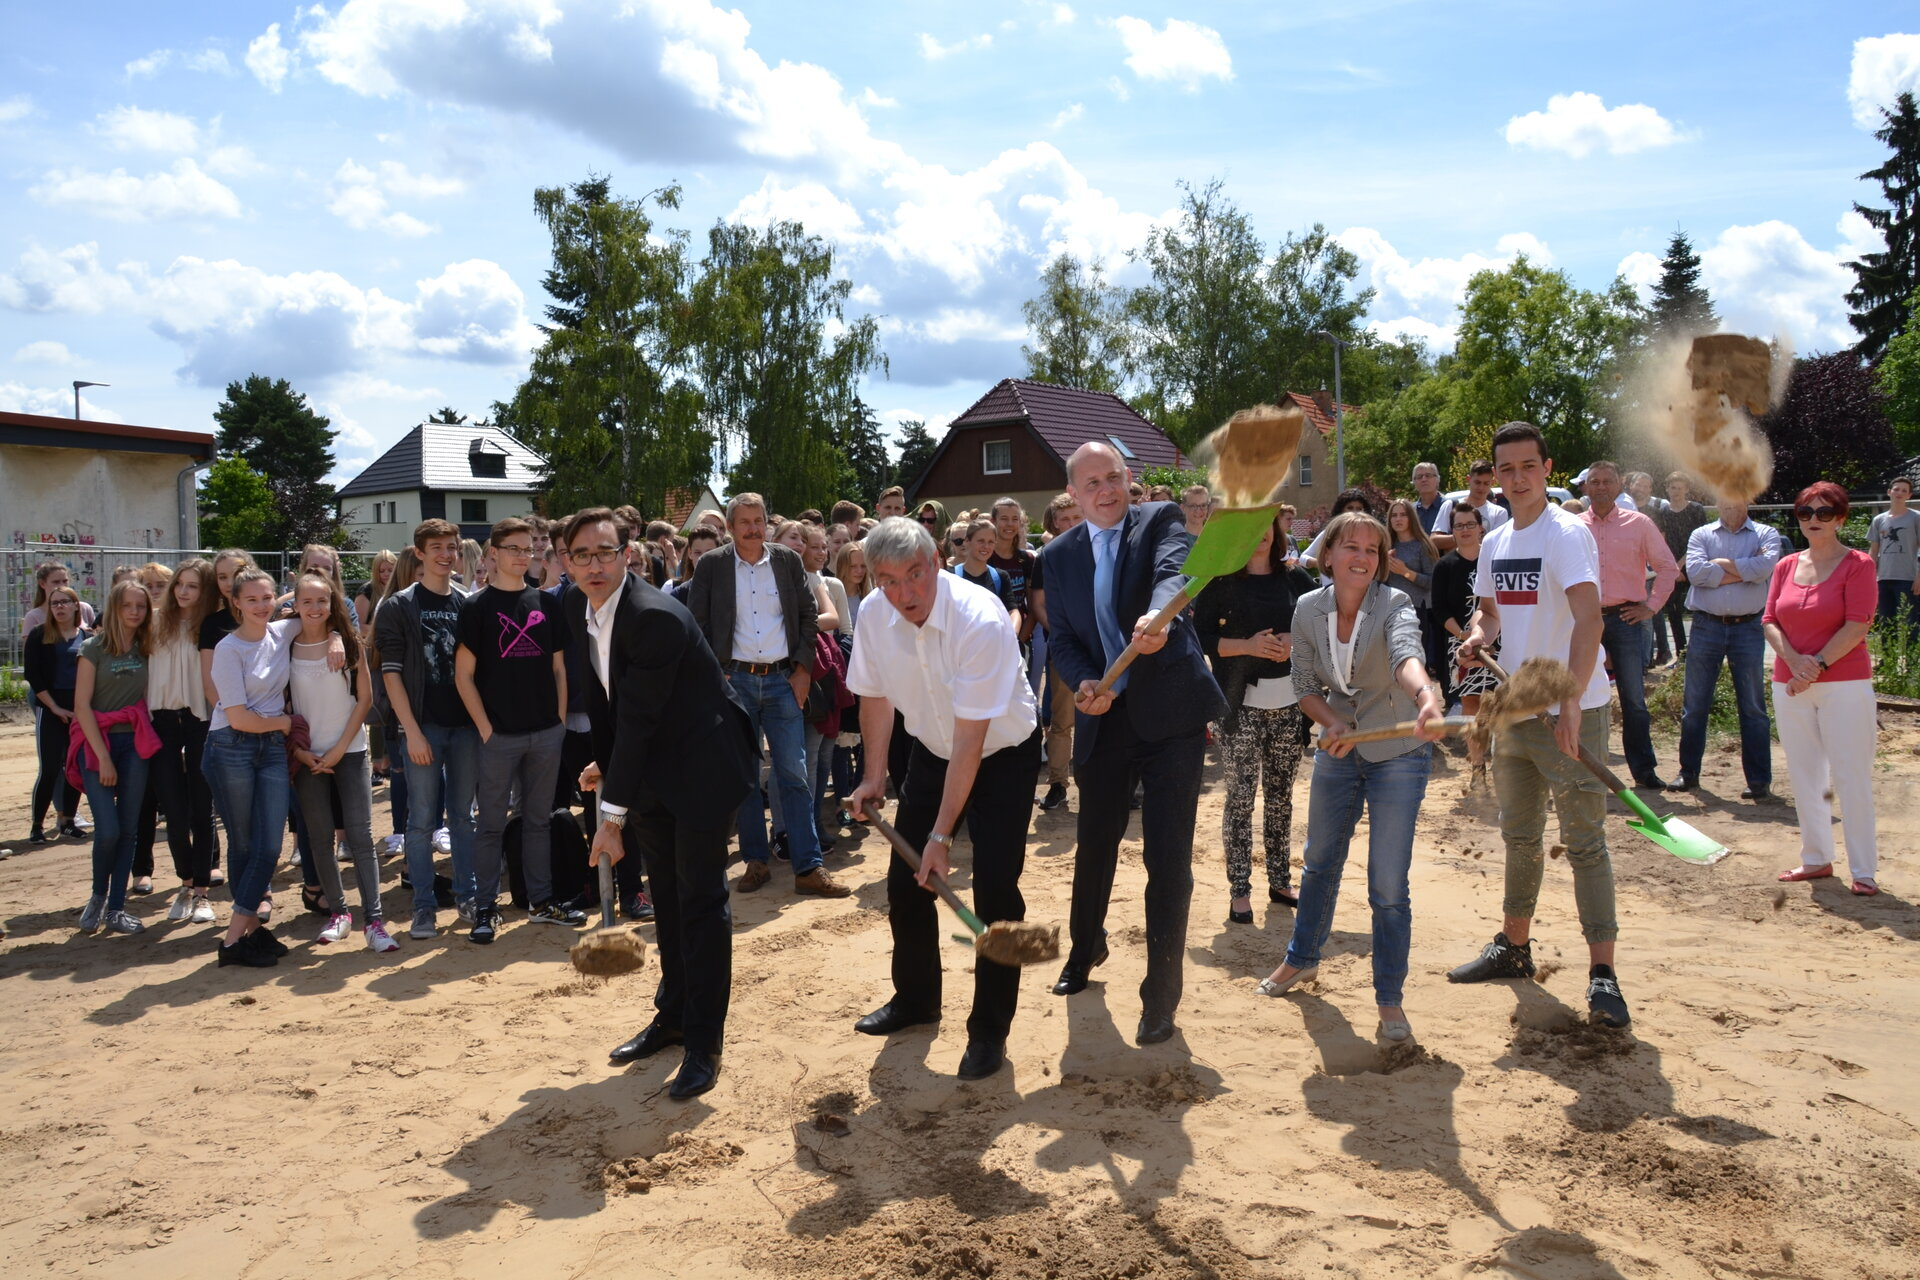 Juli 2017: Symbolischer Spatenstich läutet den Neubau der Zweifeldsporthalle des Vicco-von-Bülow-Gymnasiums ein (Quelle: Stadtarchiv).